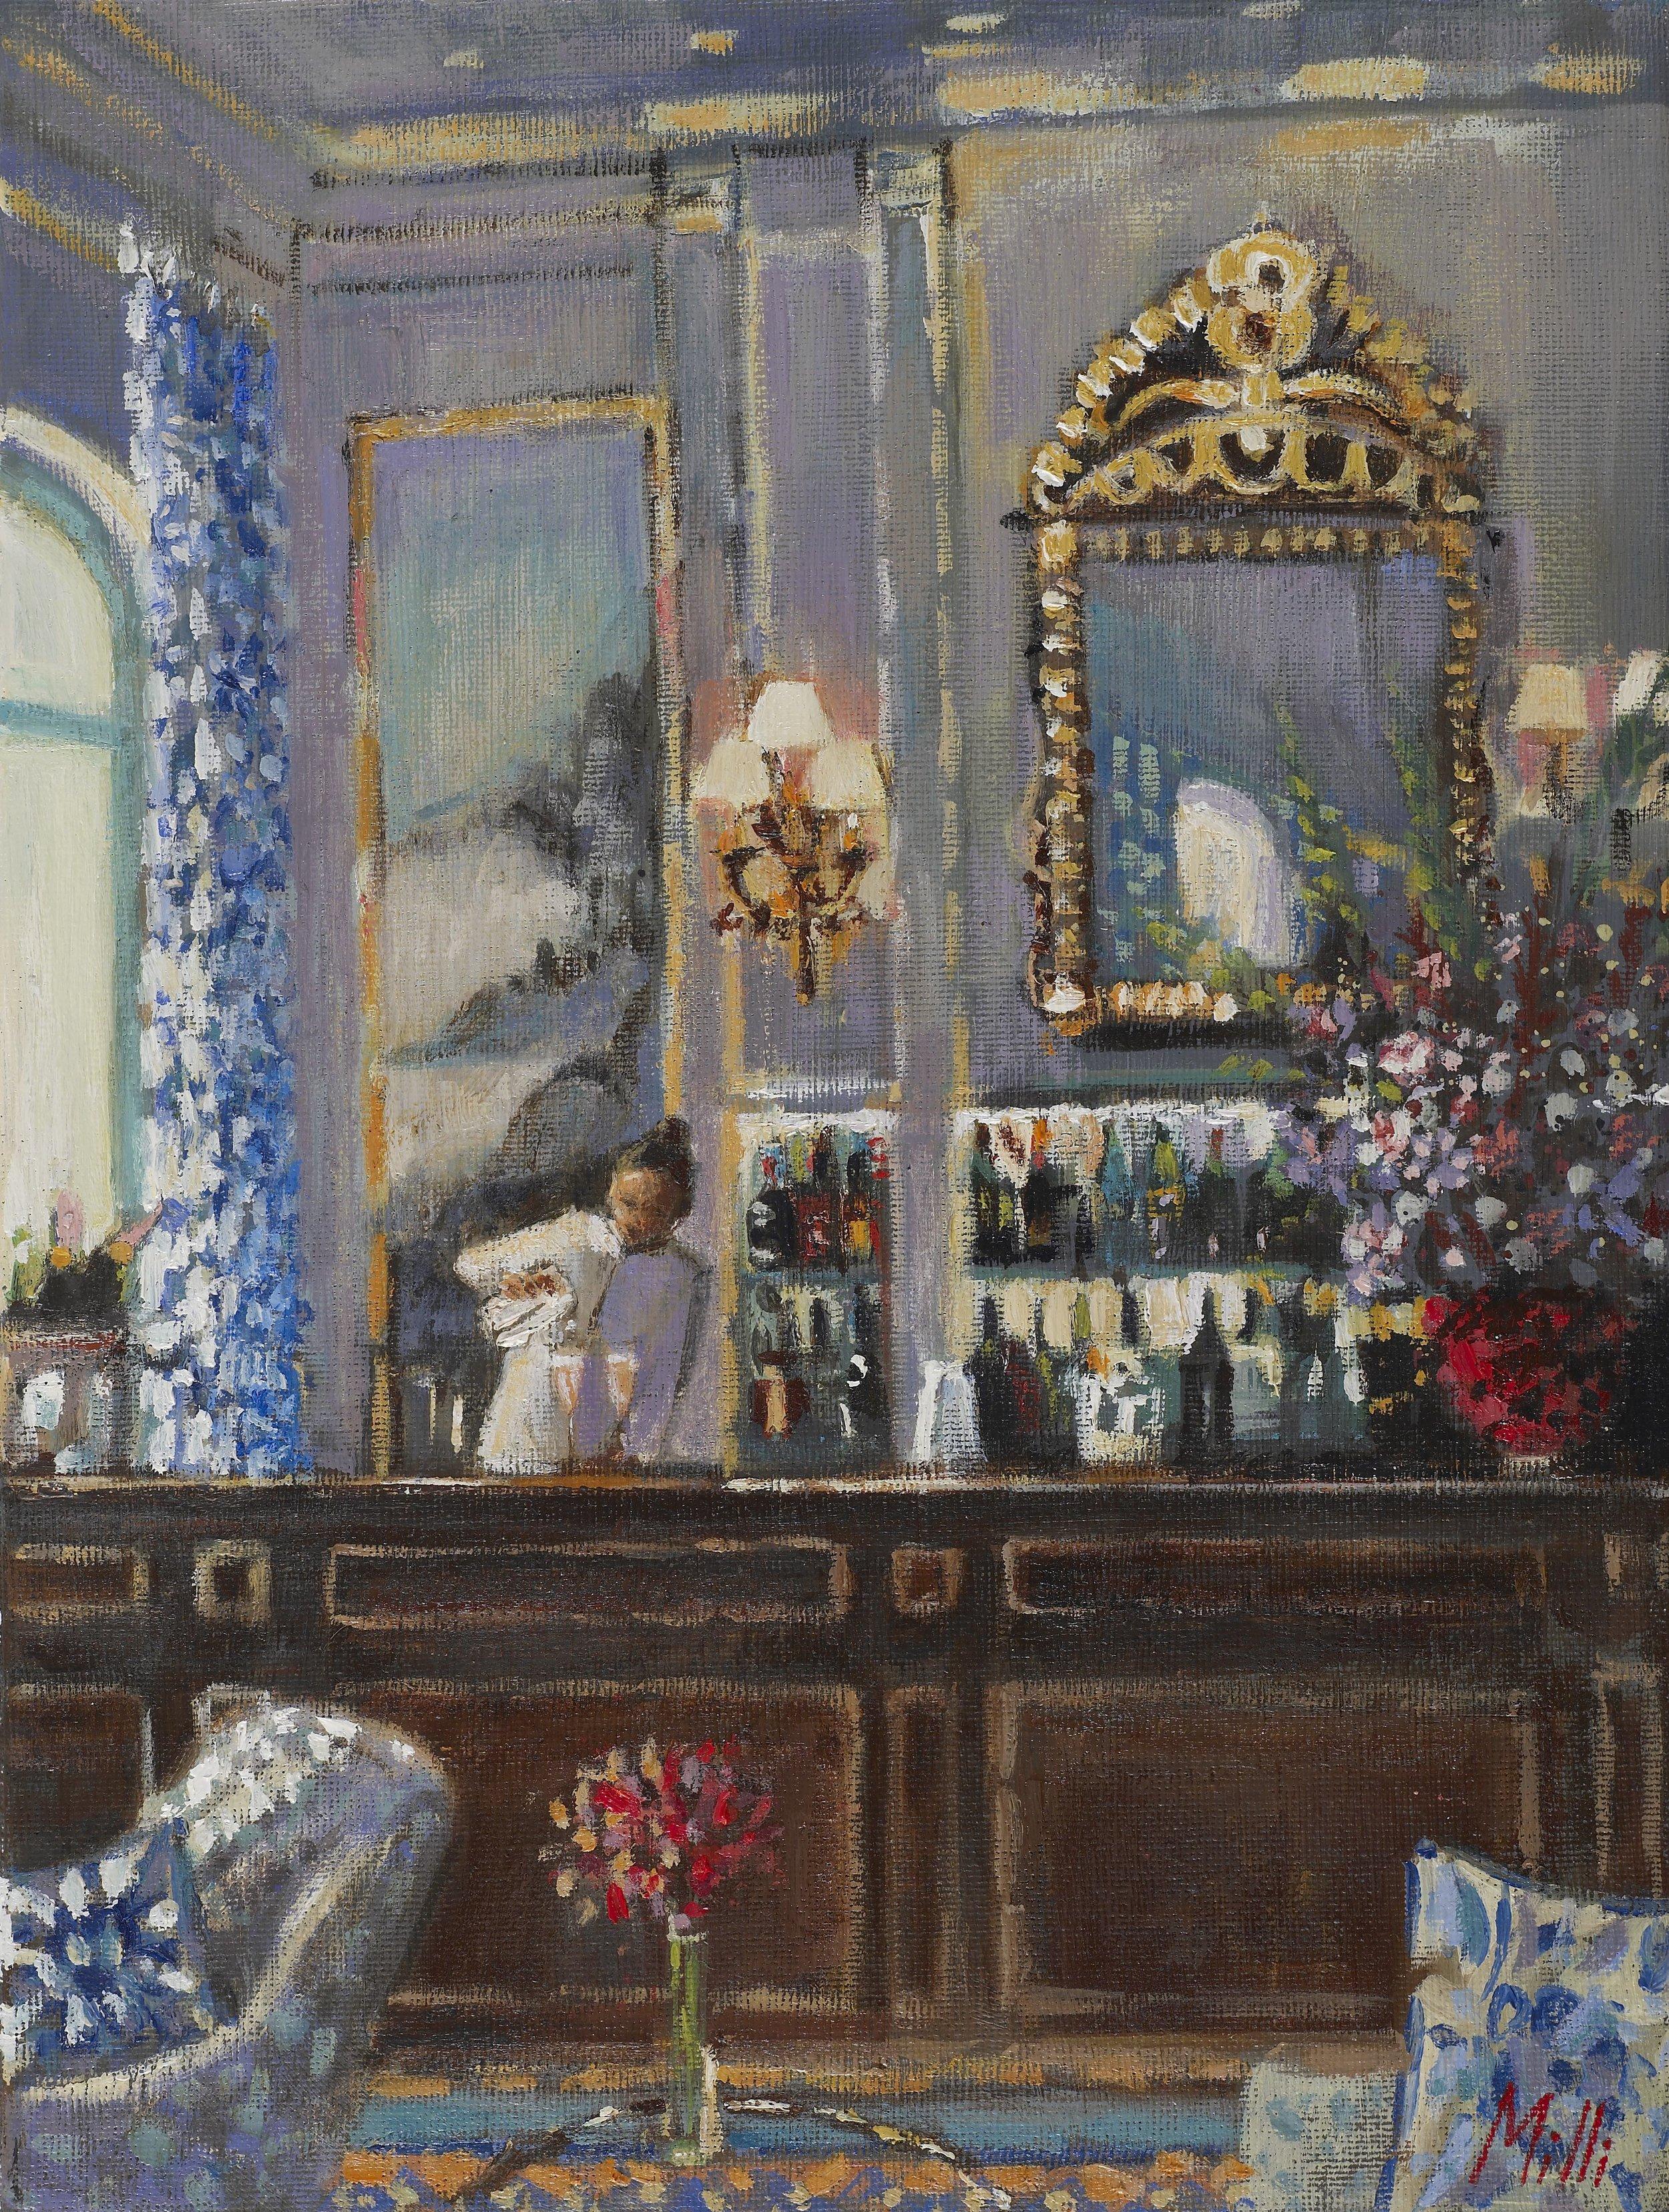 14_Hotel_du_Cap_Eden_Roc_Bellini_Bar.jpg